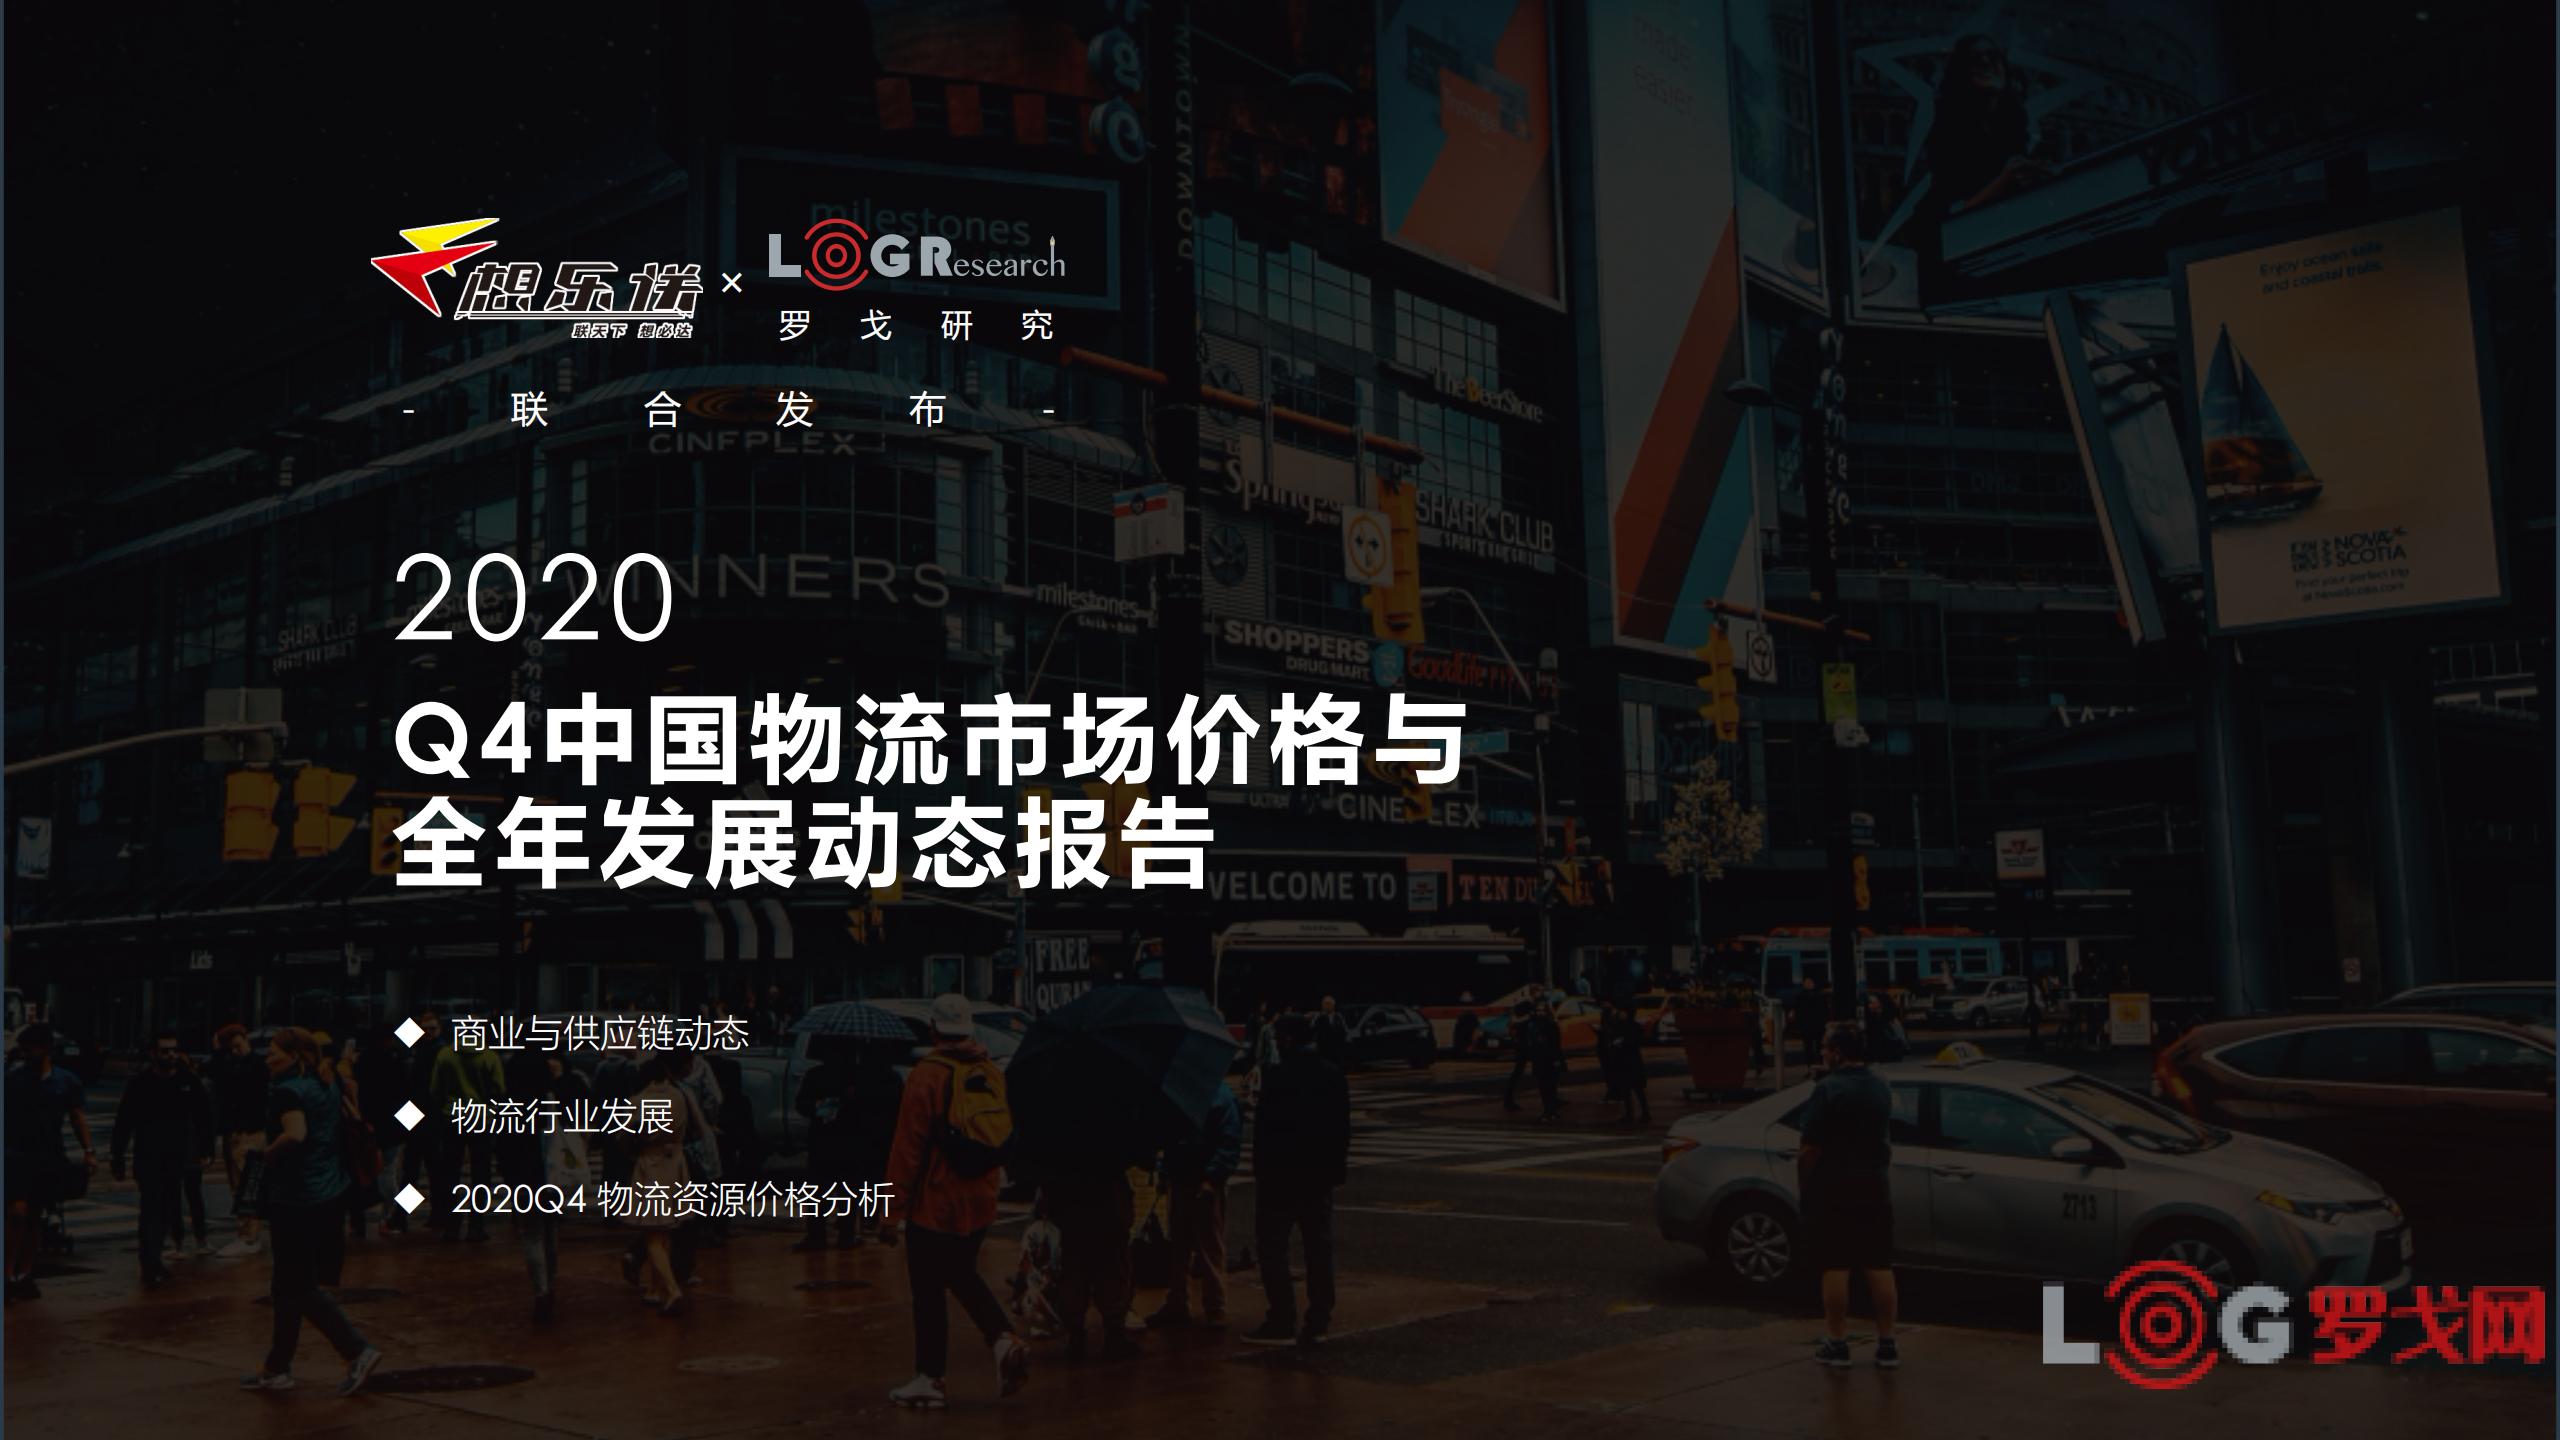 联想物流&罗戈研究 | 2020中国物流市场价格与全年发展动态报告